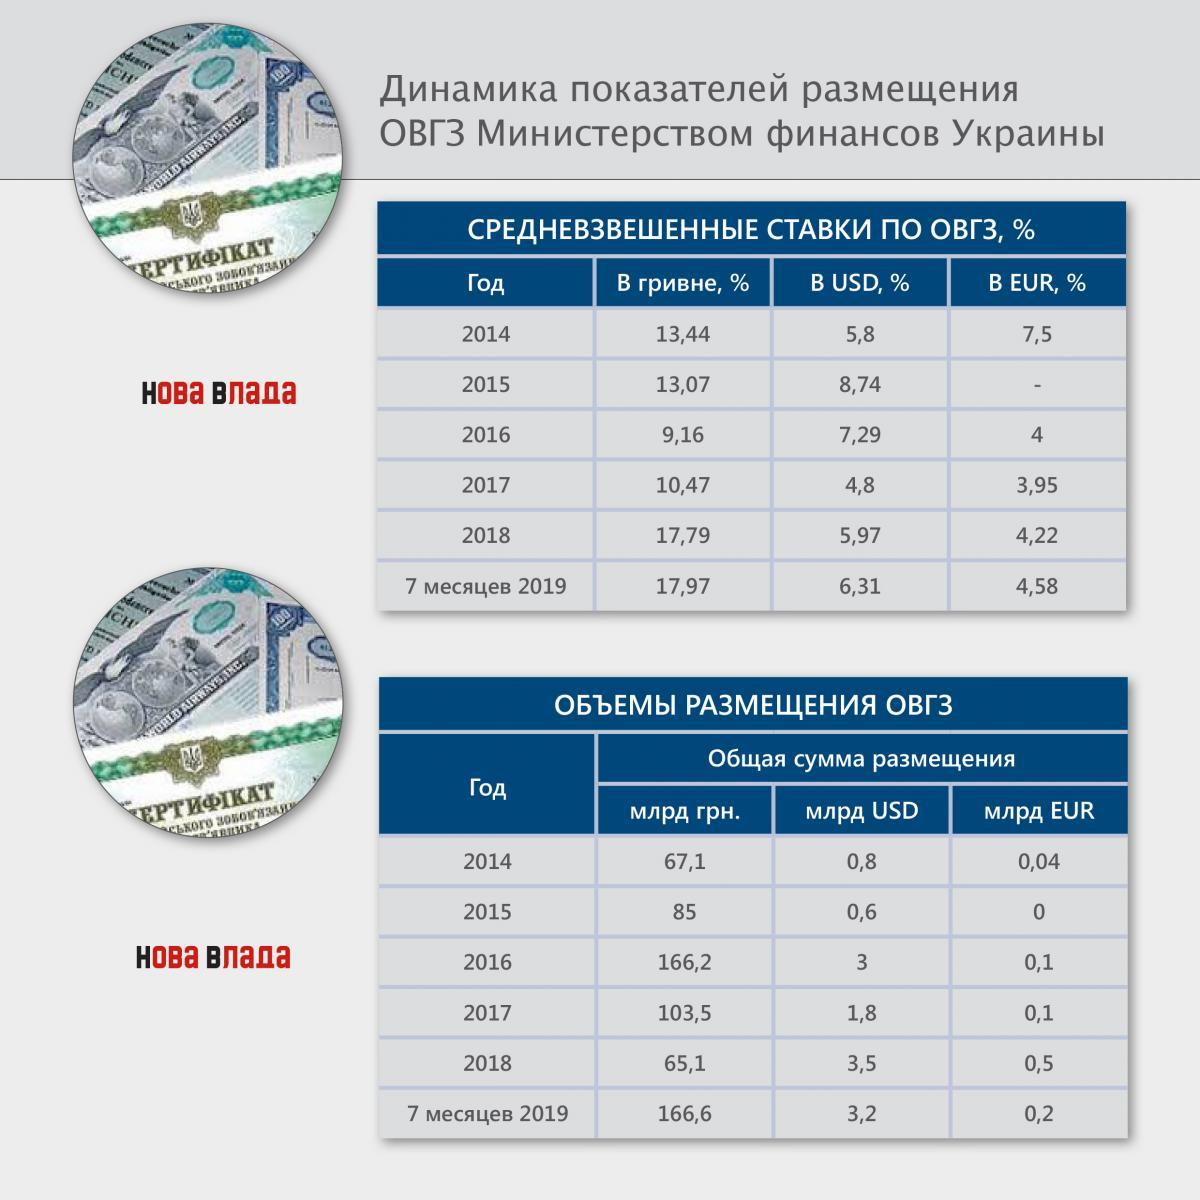 """""""Нафтогаз"""" отримає від """"Газпрому"""" майже $3 млрд і відкличе позов на $12,25 млрд, - Оржель - Цензор.НЕТ 9295"""